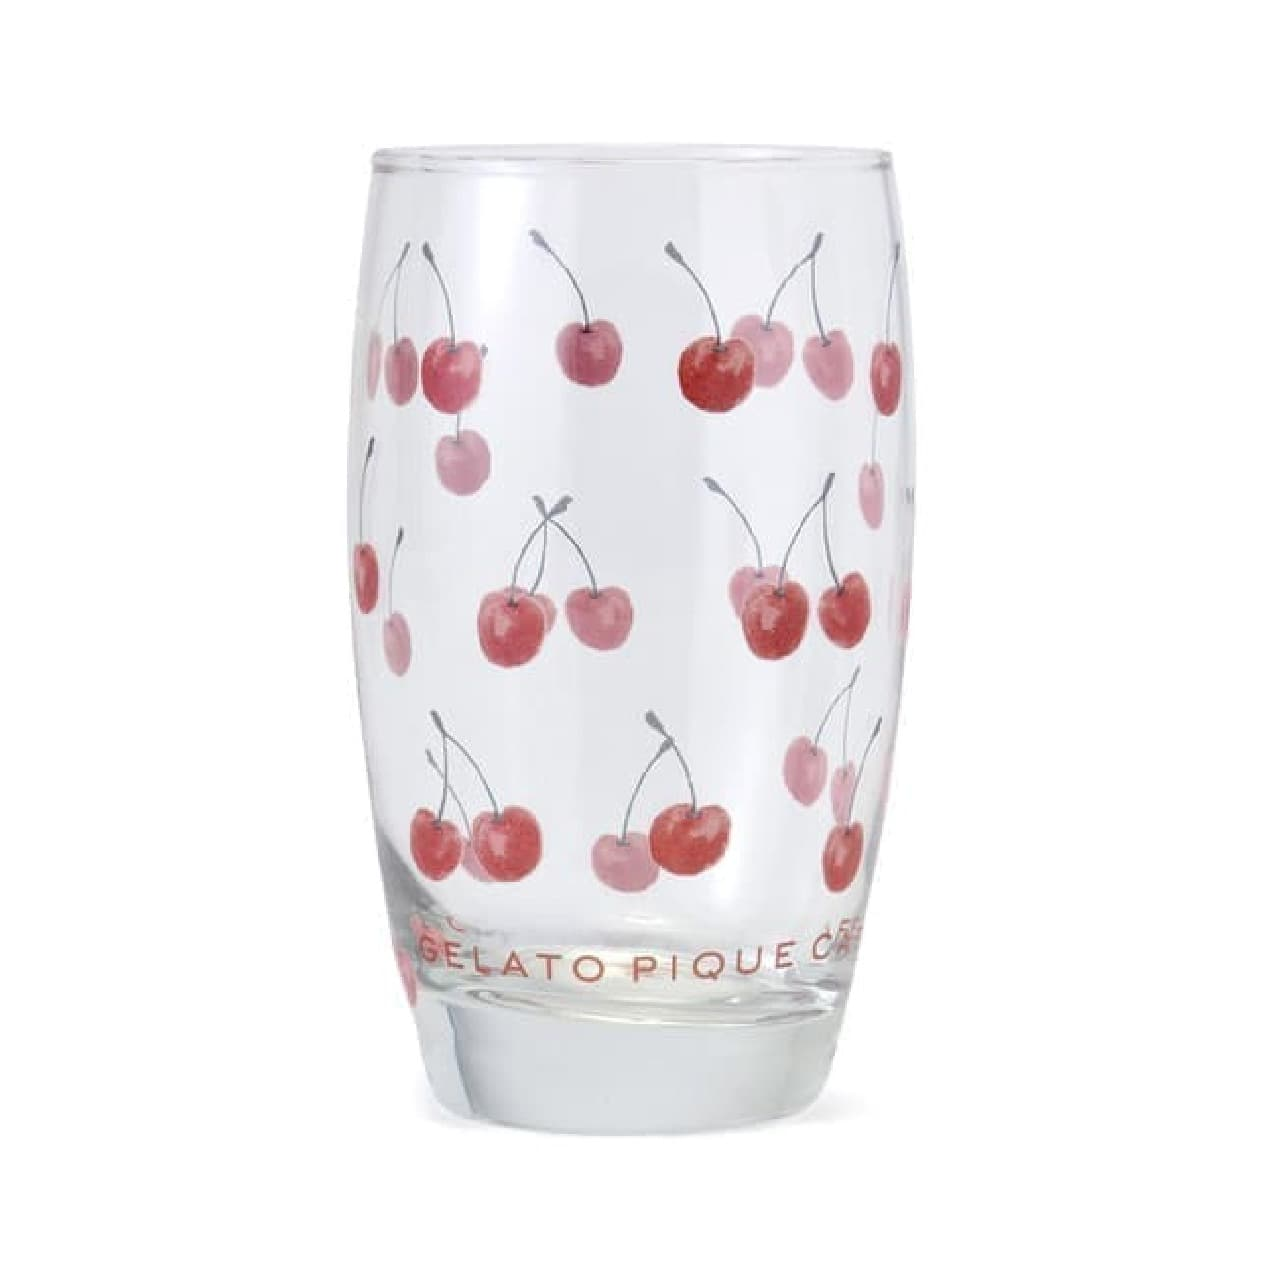 ジェラート ピケ カフェ「チェリーモチーフエコバッグ」可愛いグラス&ボウルも